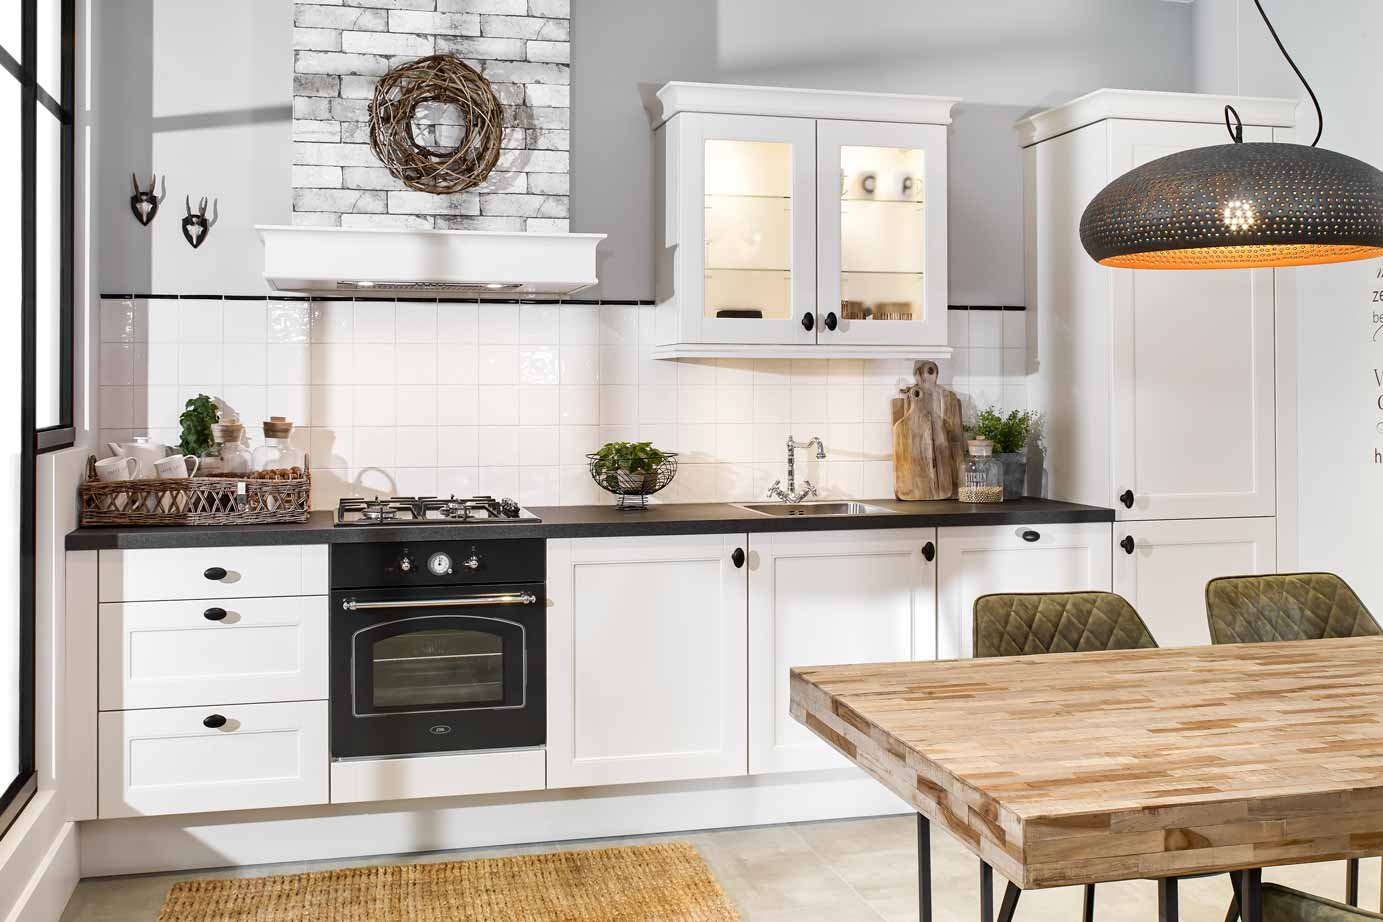 Keuken Handgrepen Landelijk : Landelijke rechte keuken kopen bekijk foto s db keukens